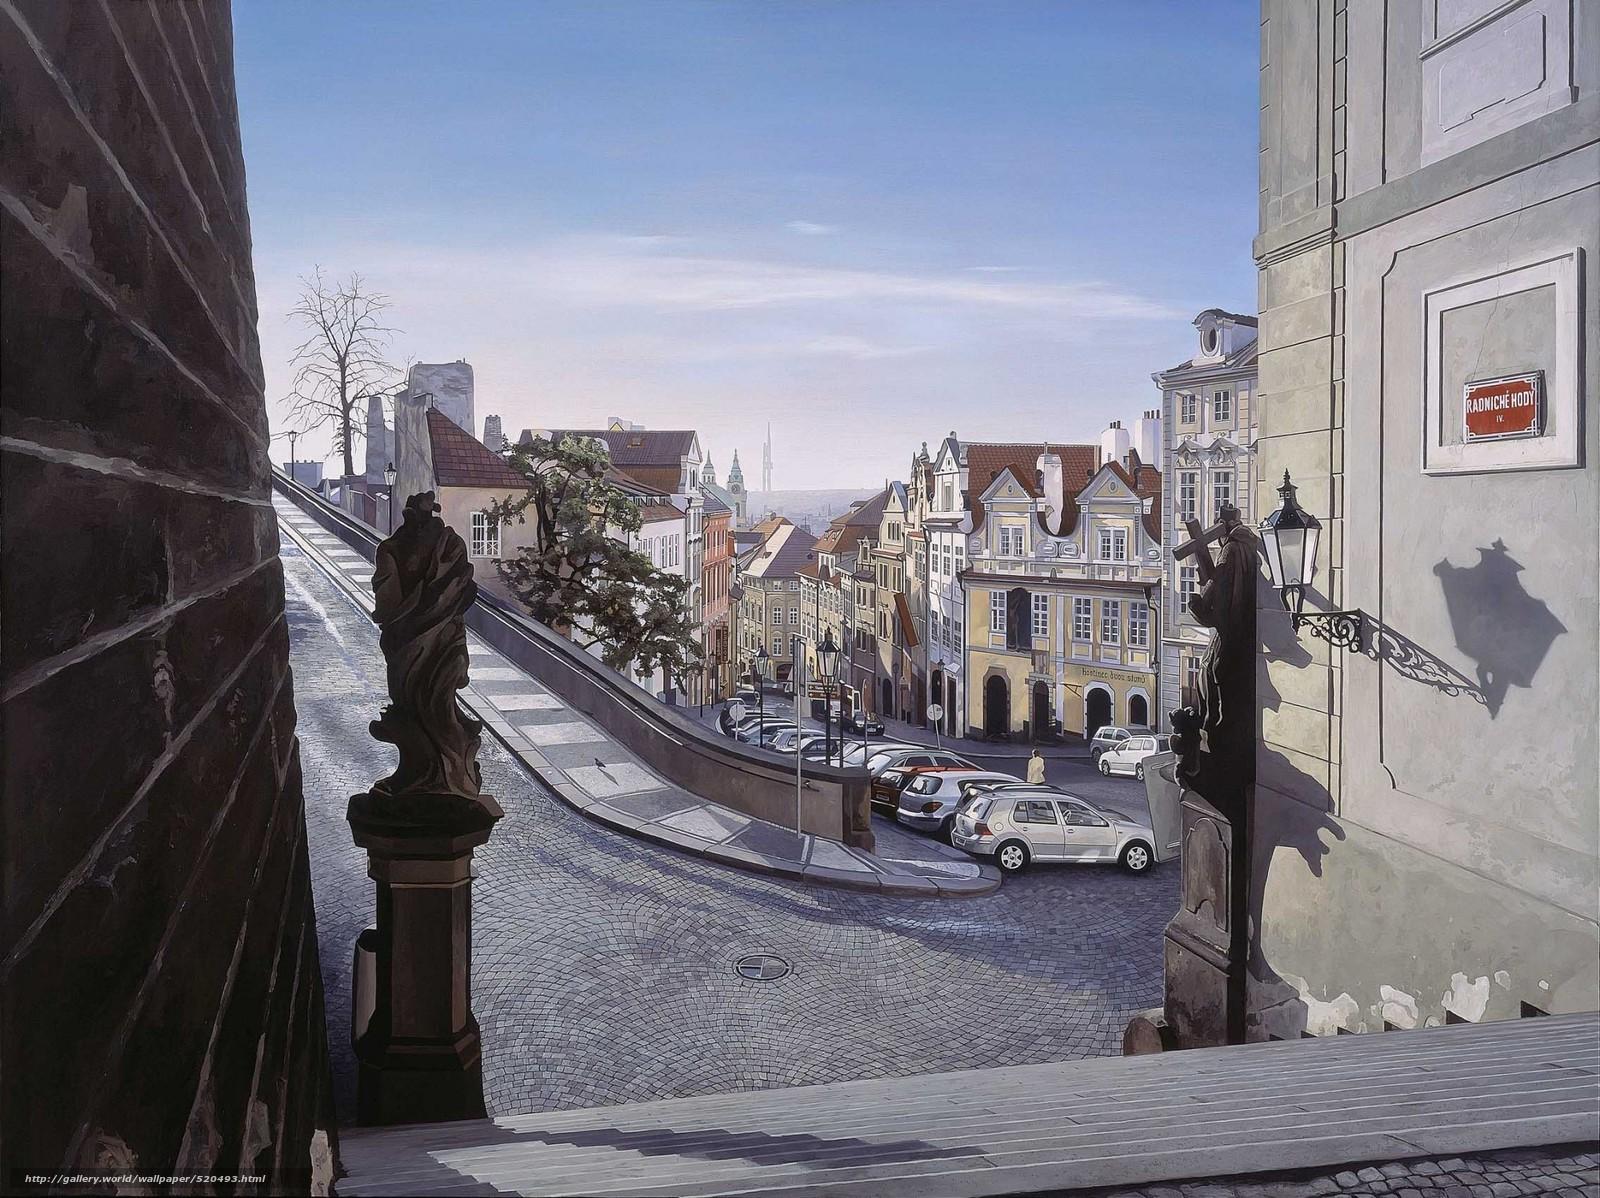 Чешские улицы смотреть онлайн 9 фотография